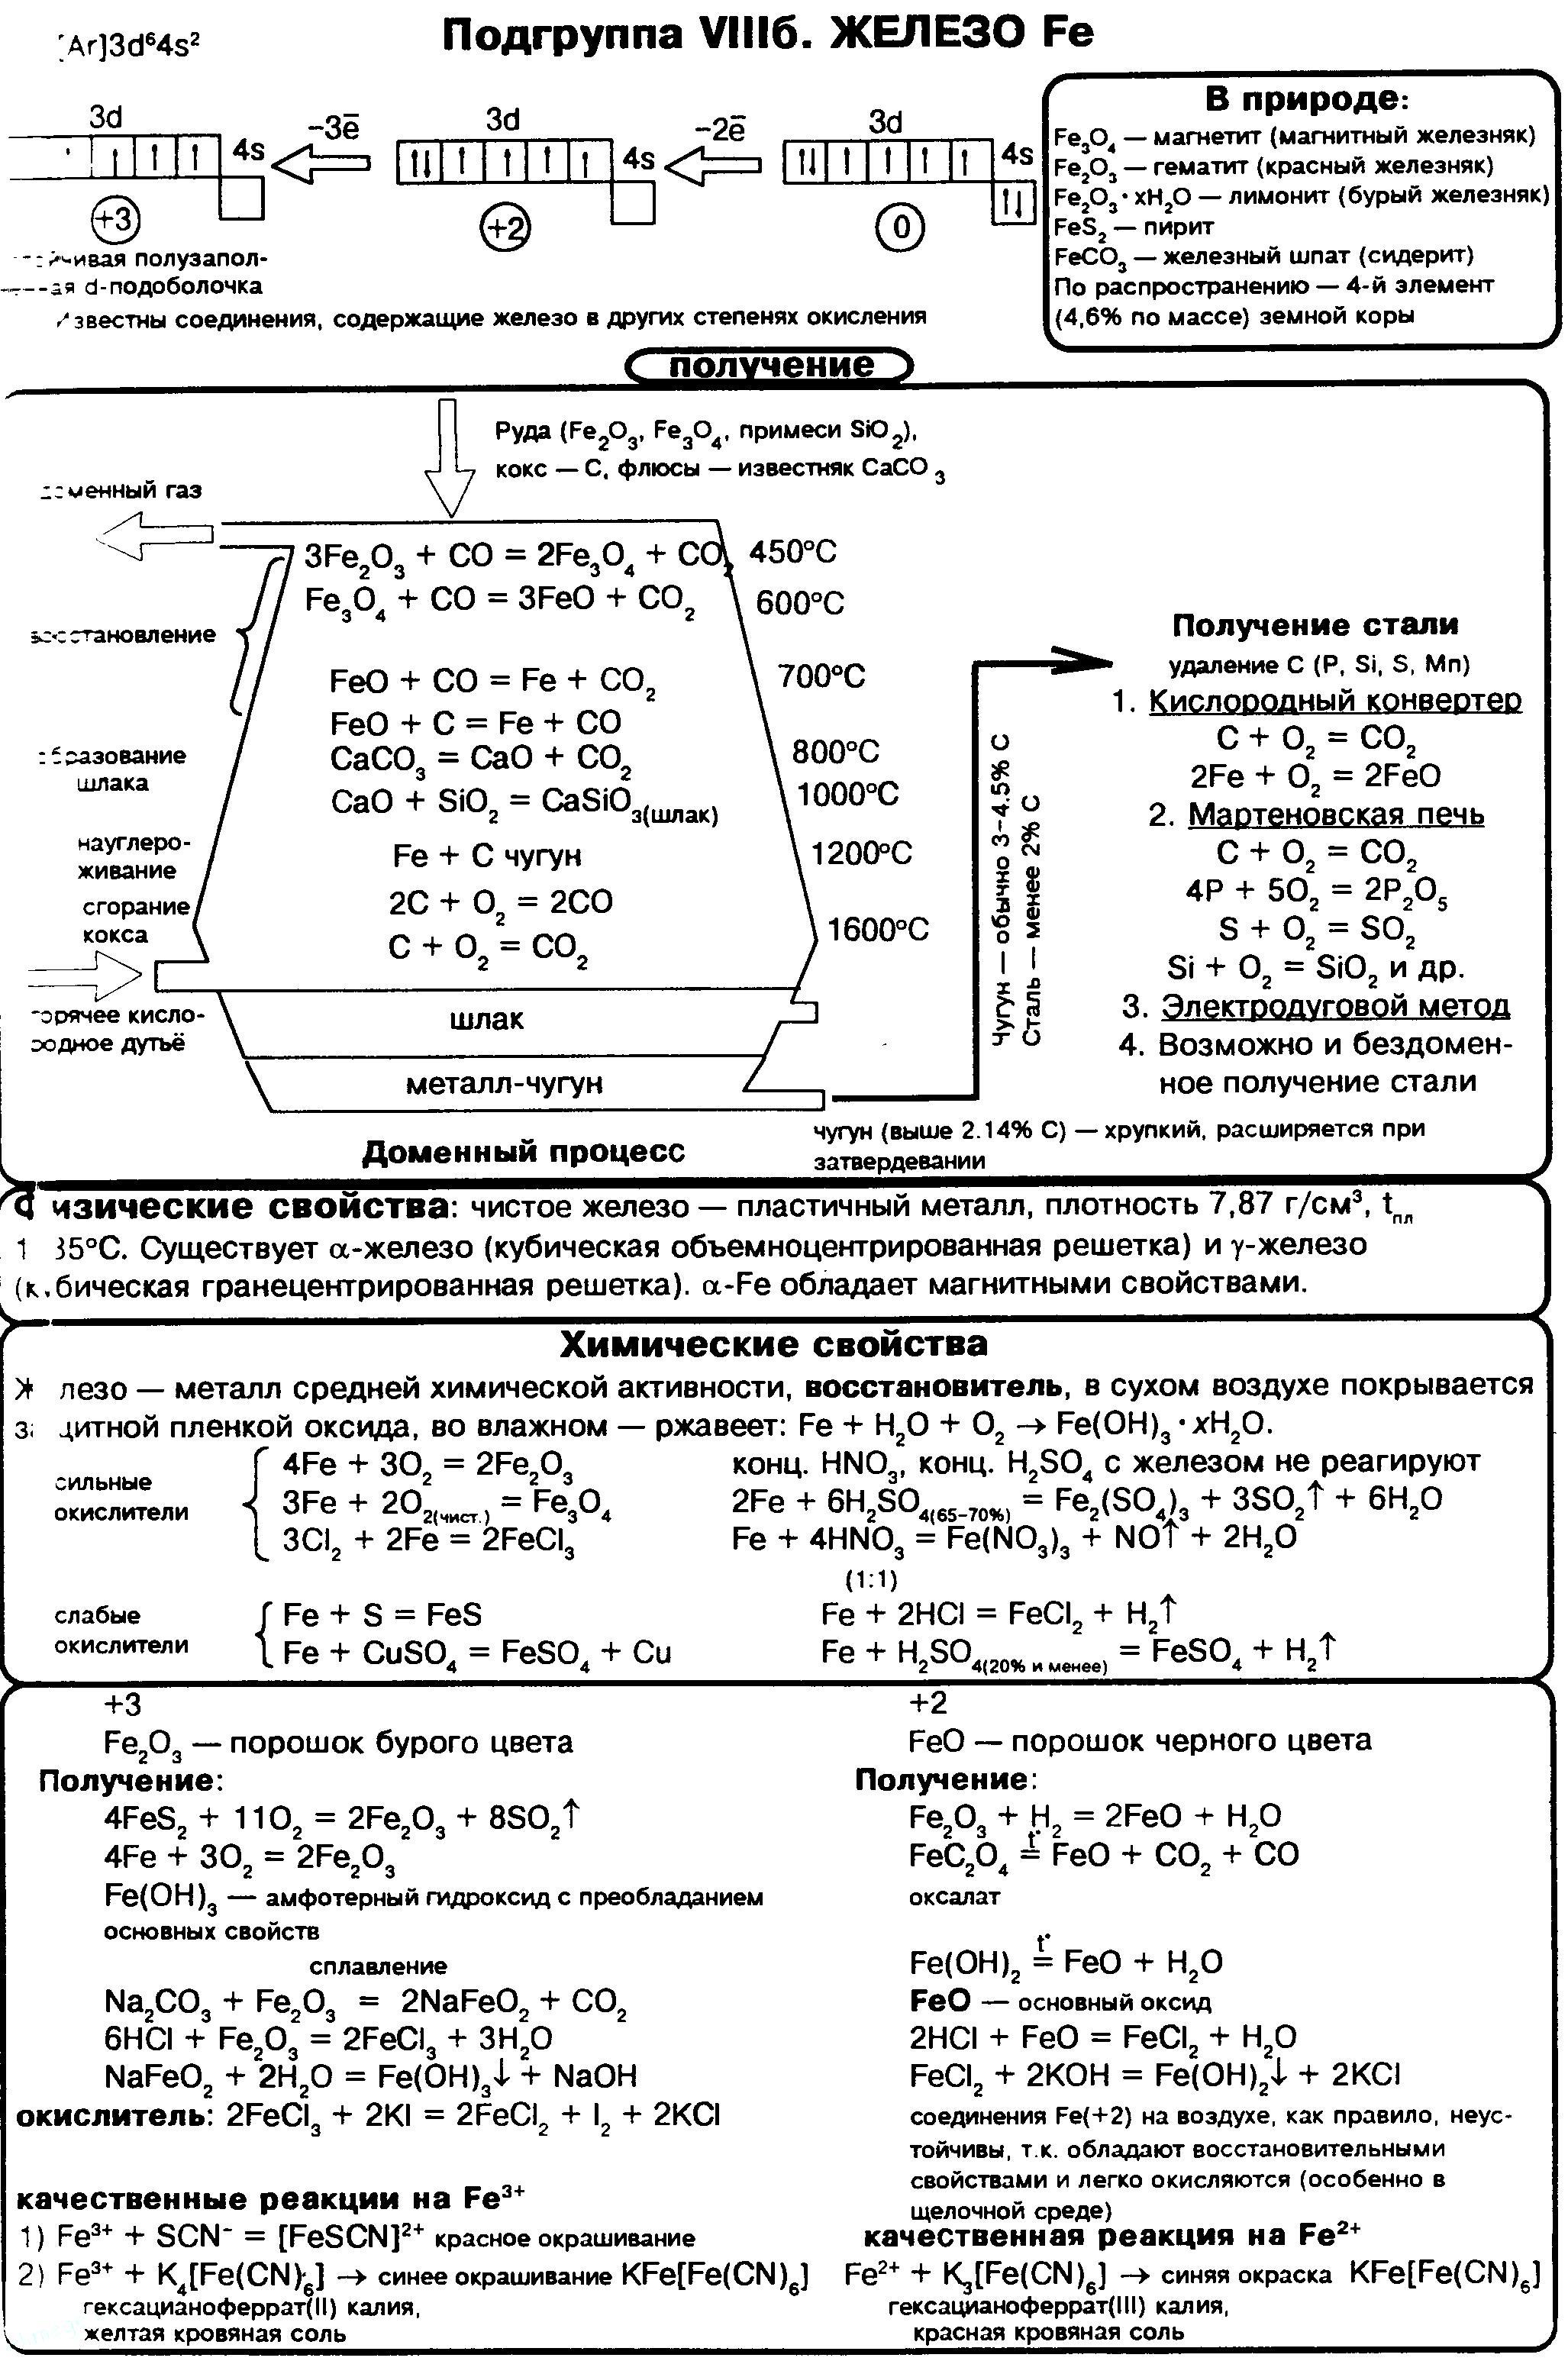 zhelezo-oksid-gidroksid-zheleza-kachestvennye-reakcii-na-iony-zheleza